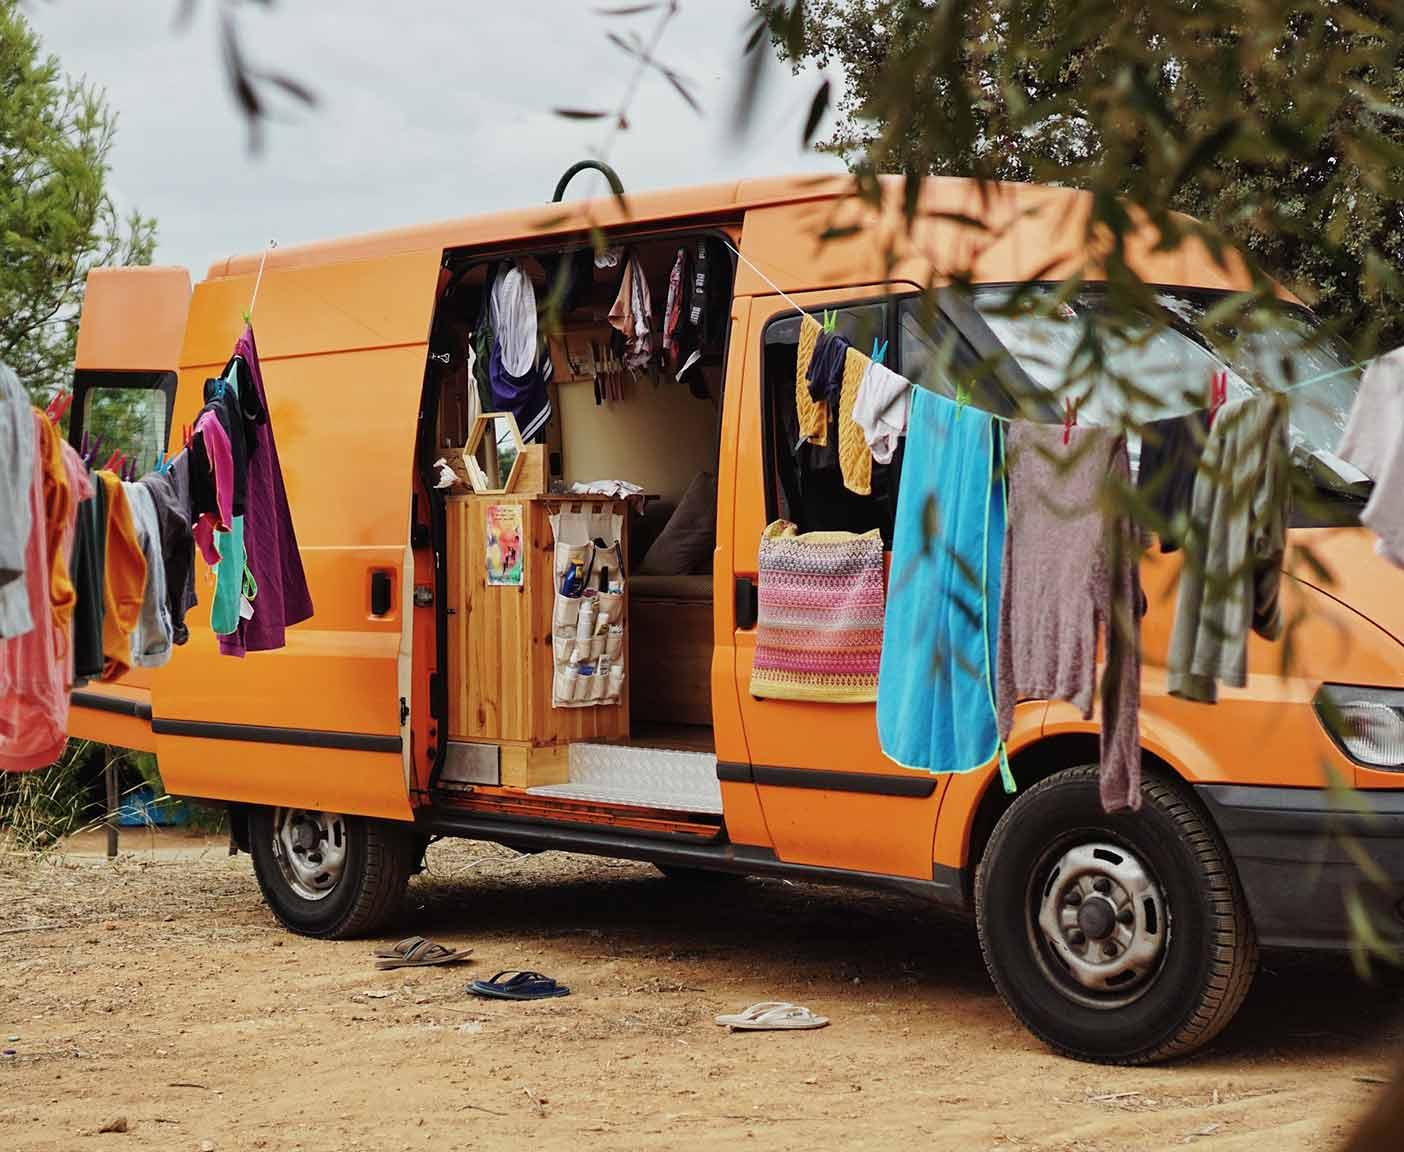 Ford-Transit-van-kaufen-camper-waschtag-frei-stehen-ausbau-custom-allrad